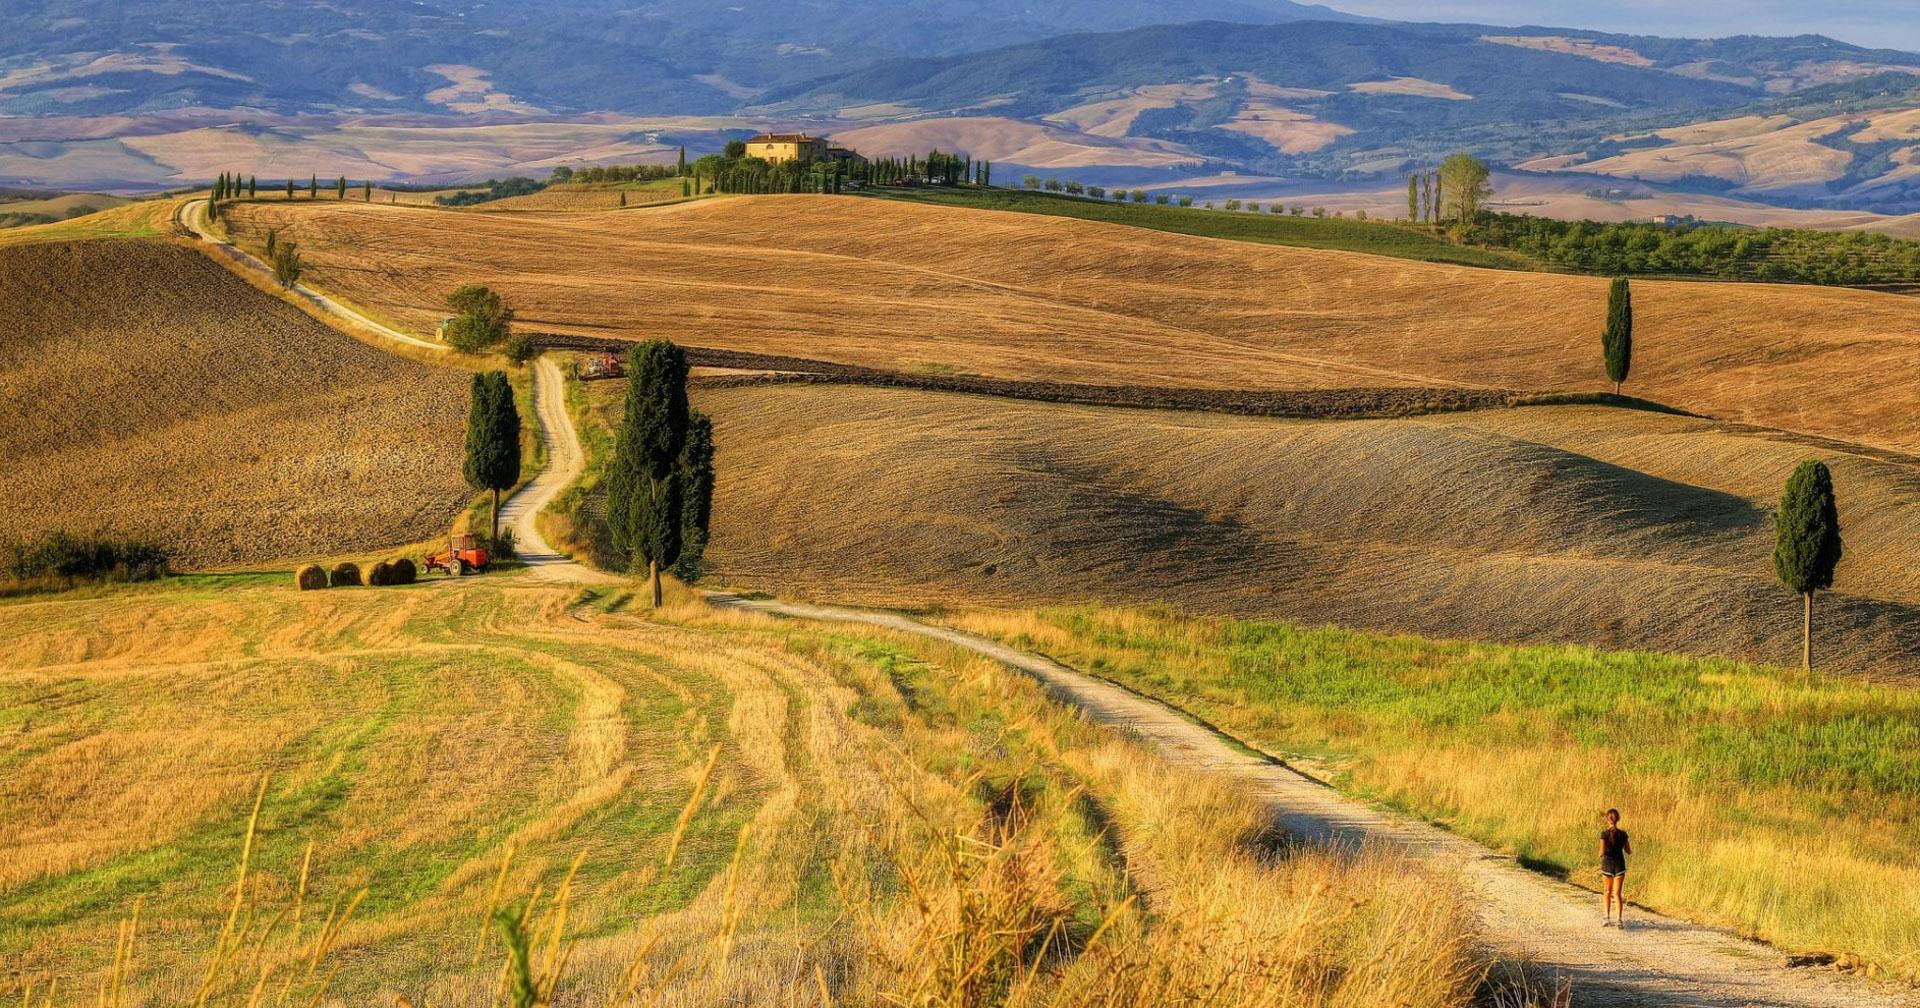 """Gdzie kręcono film """"Gladiator"""" w Toskanii? Jak znaleźć dom i drogę Gladiatora?"""